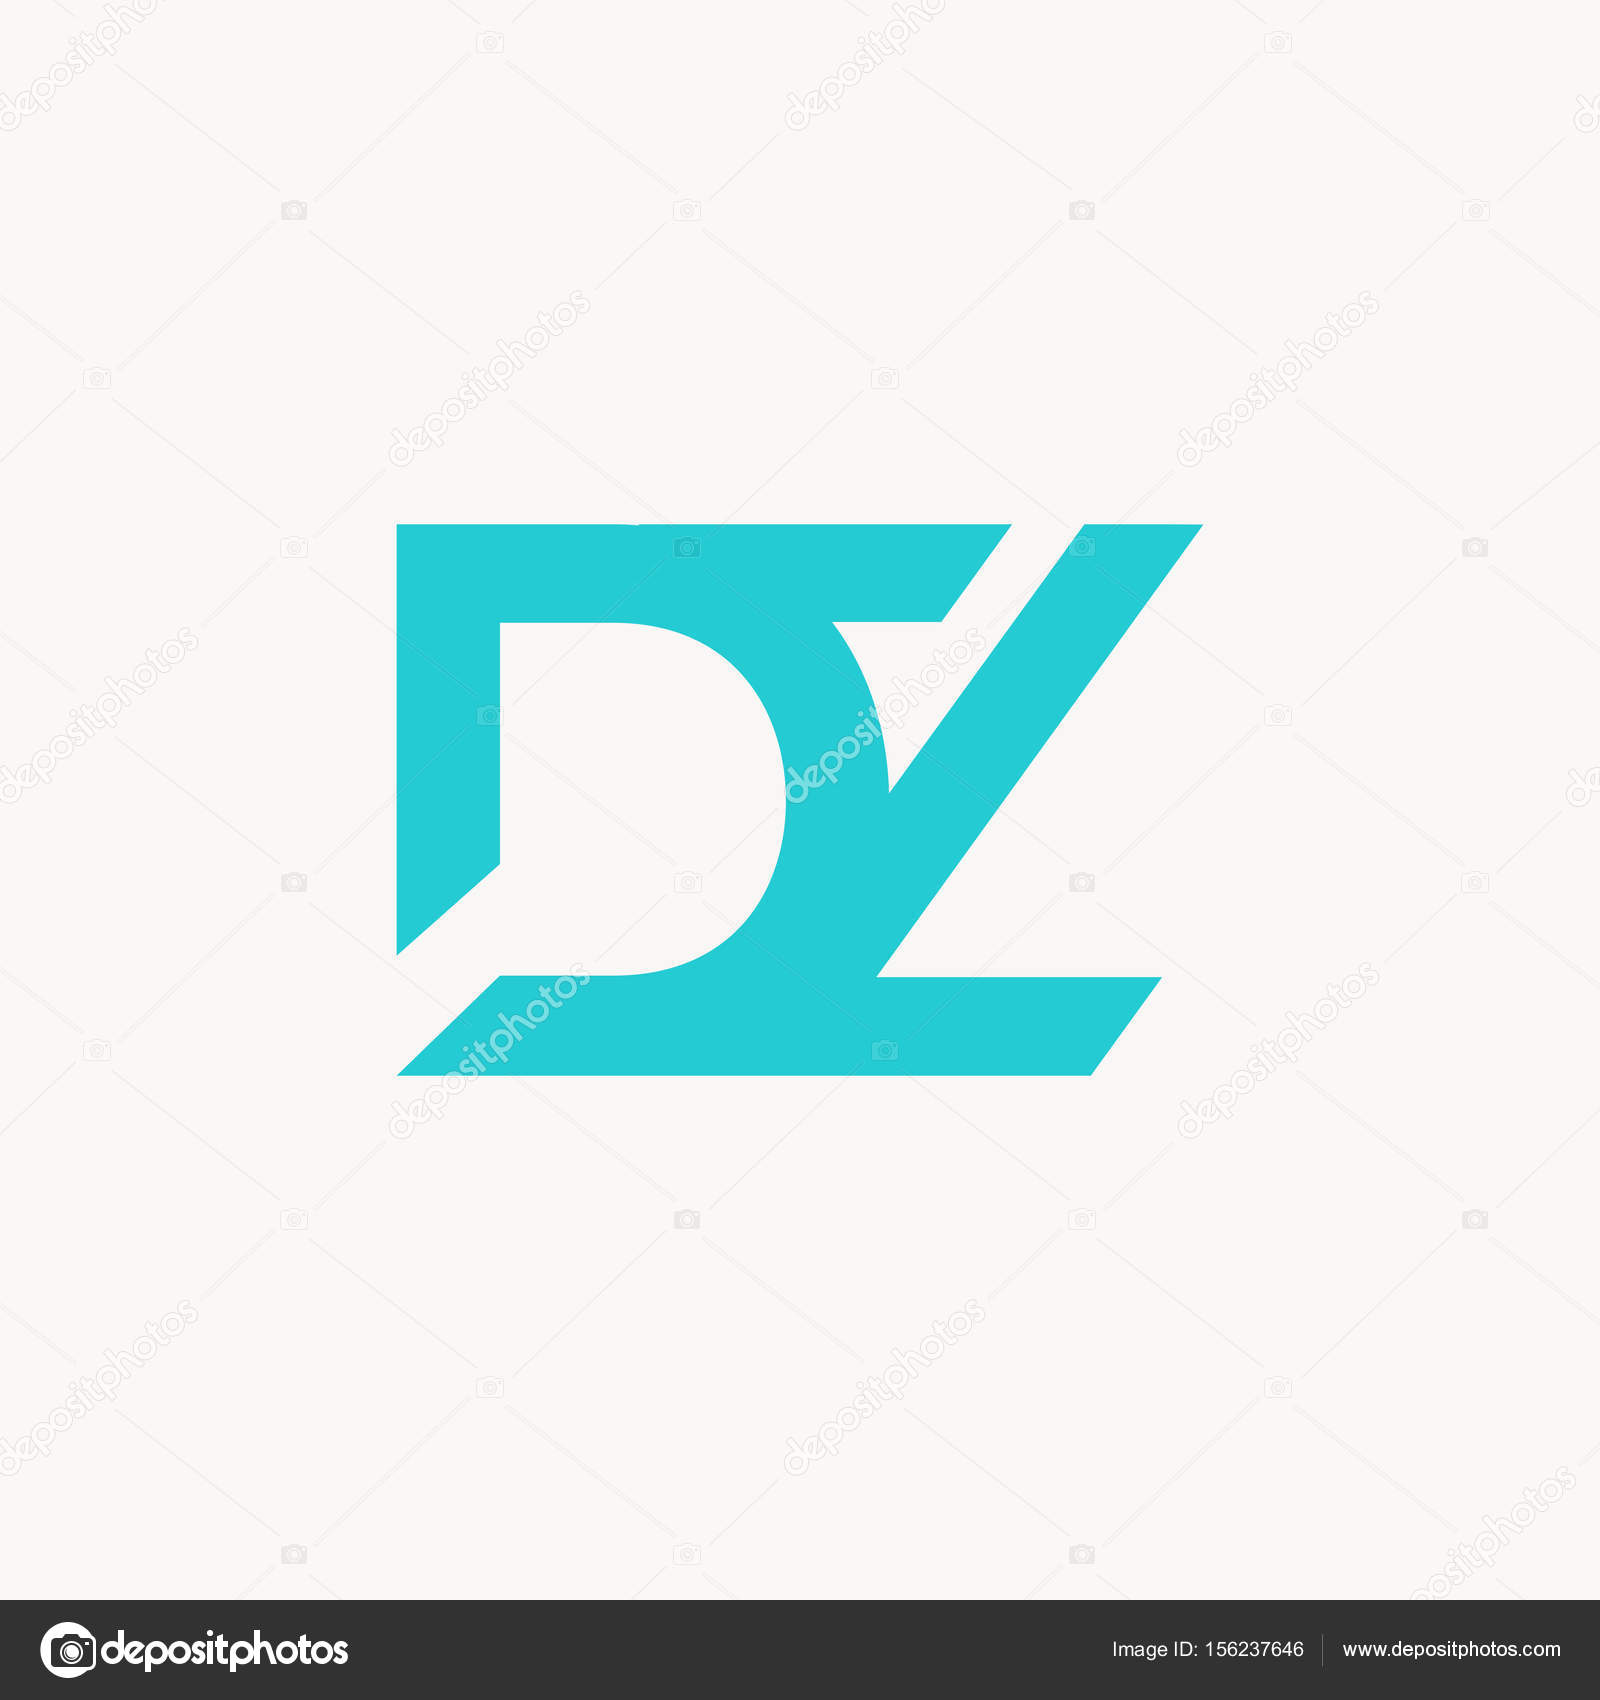 Dz >> Joint Logo Icon Dz Stock Vector C Deepzdzyn 156237646